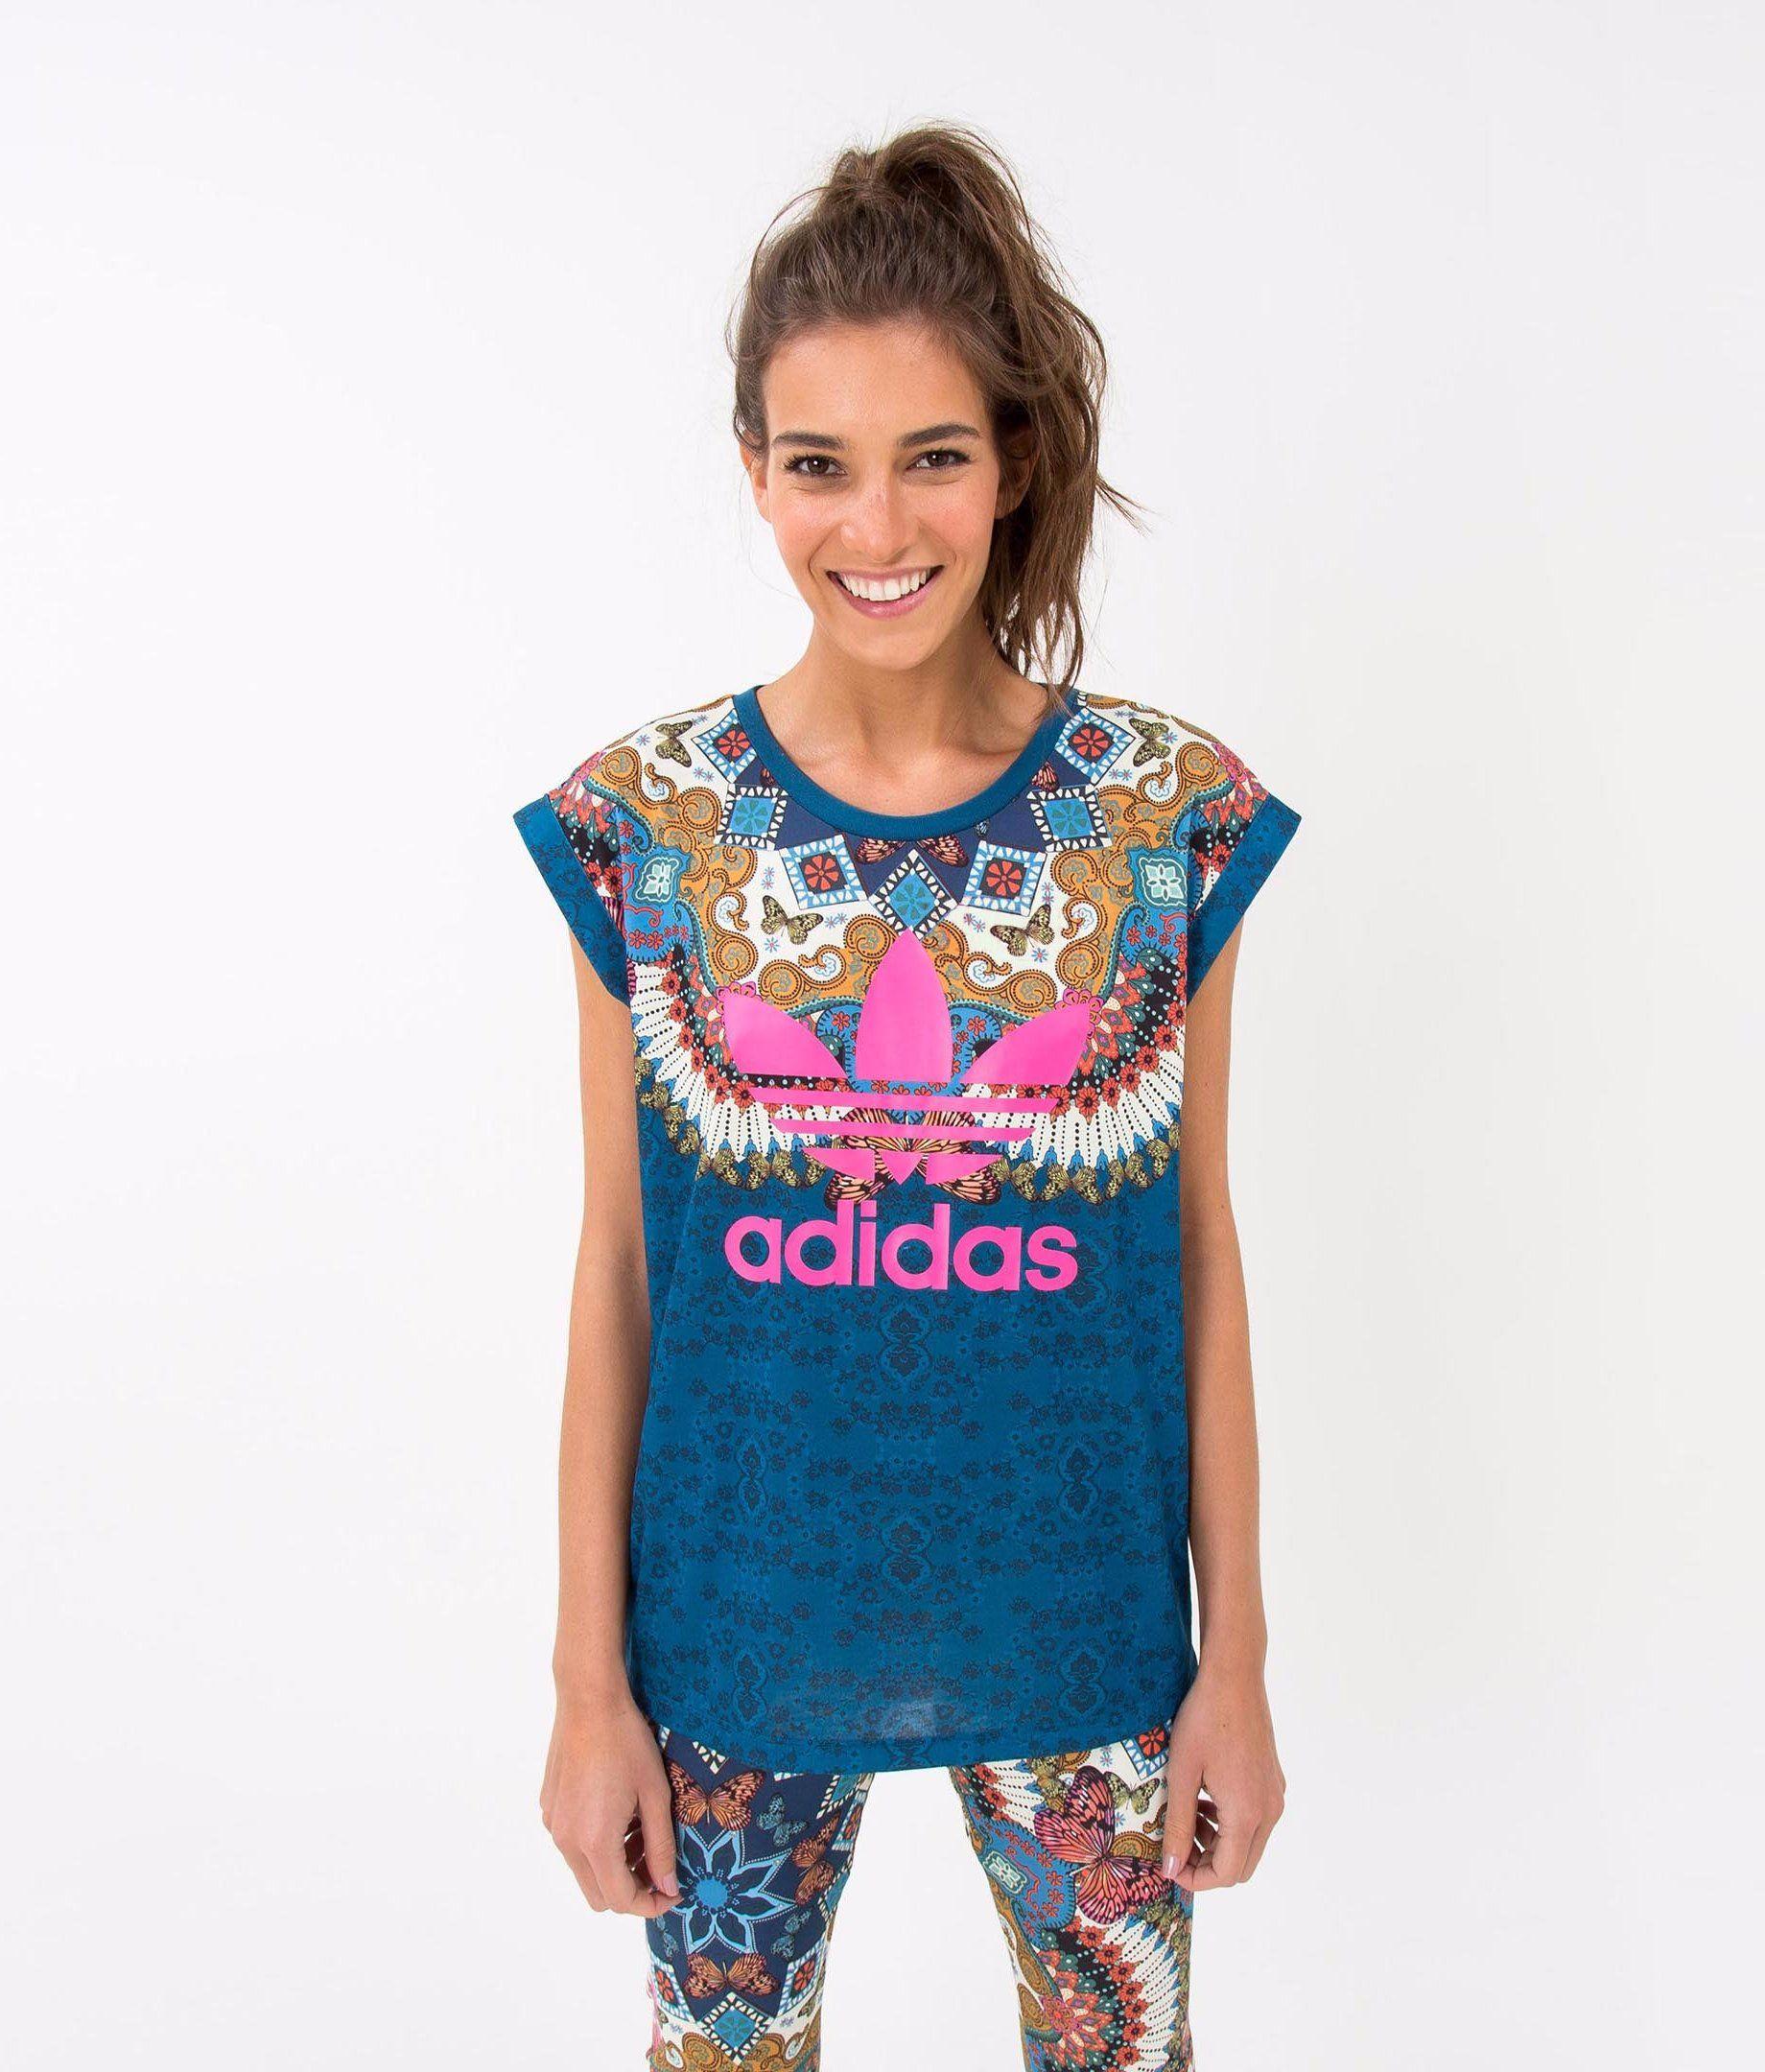 e1c818d4c59 t-shirt borbomix